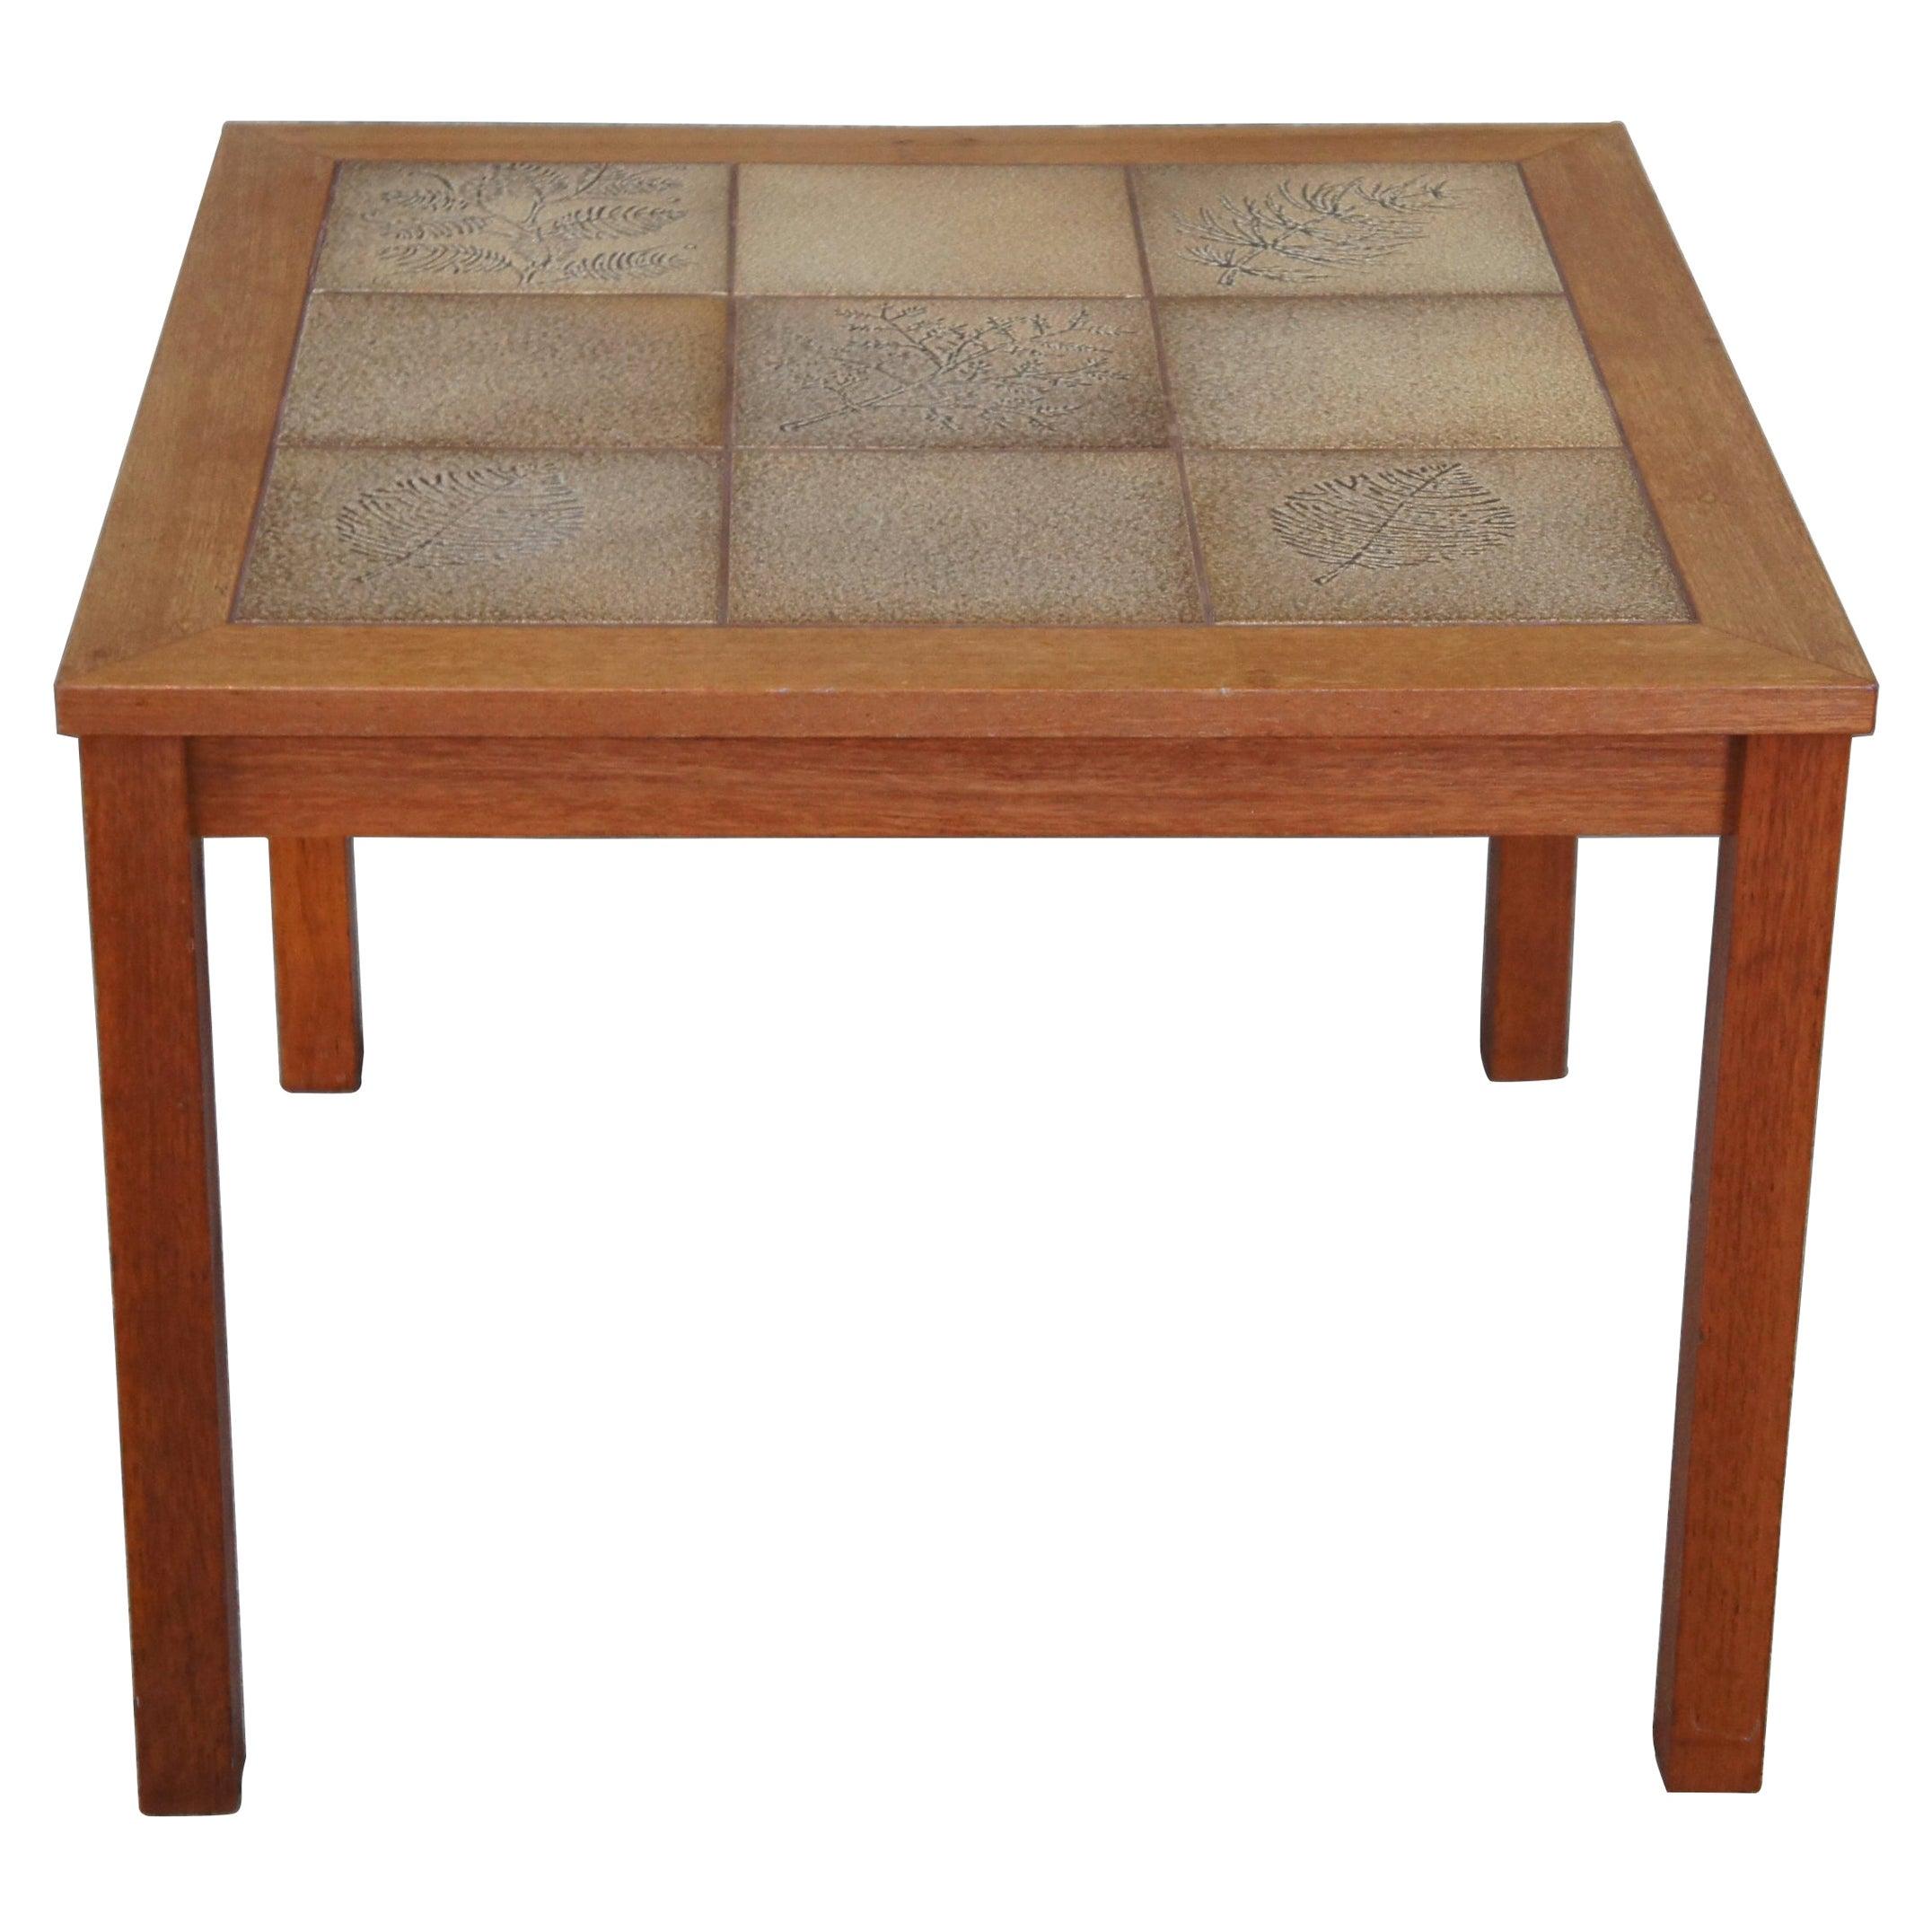 1960s Mid Century Danish Modern Tiled Square Corner End Table Denmark